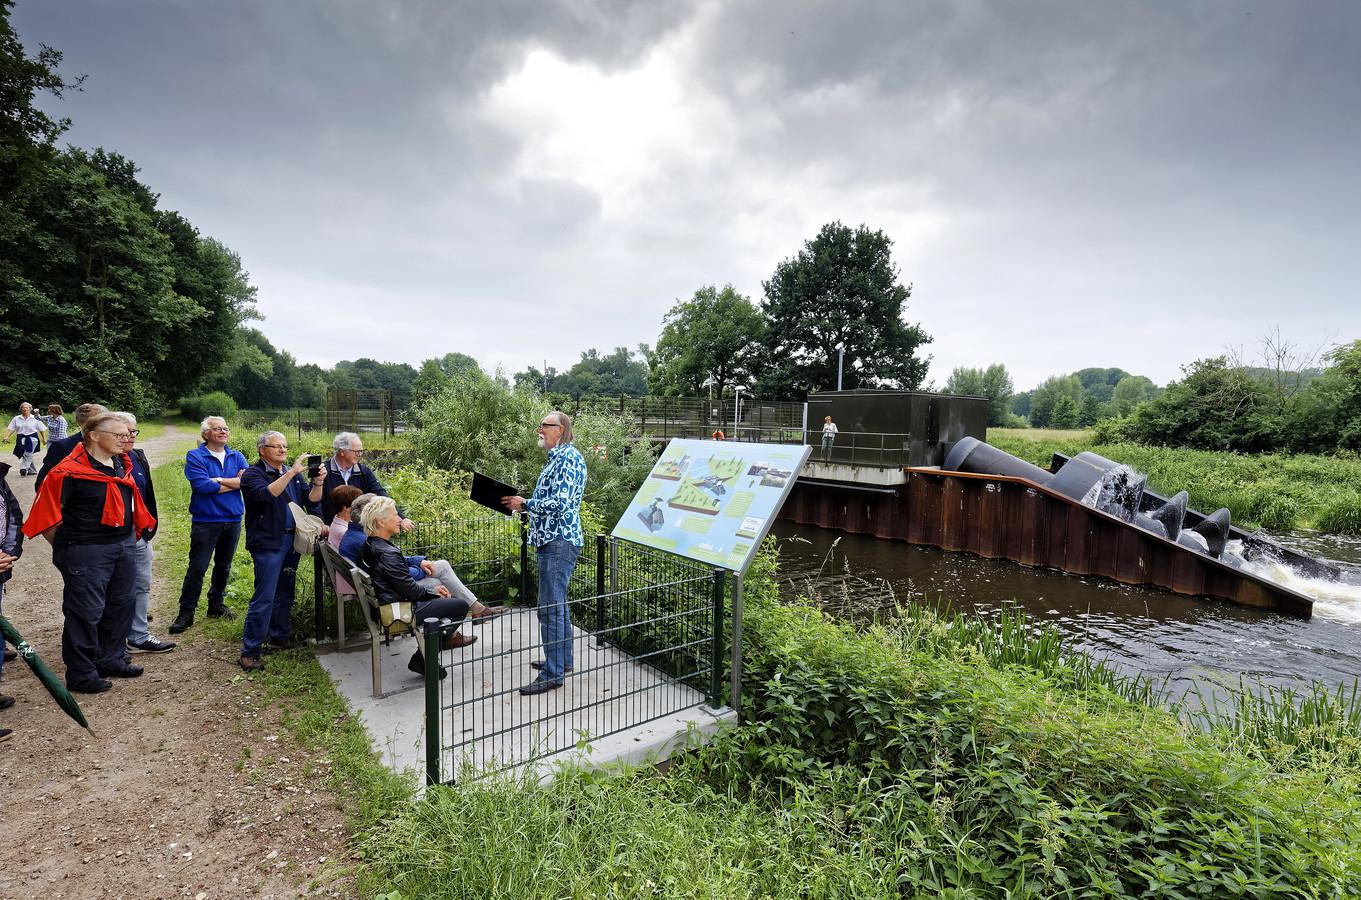 Onthulling van bankje en infobord bij waterkrachtcentrale in de Dommel in Sint- Michielsgestel. Gé van Berkel draagt een gedicht voor.